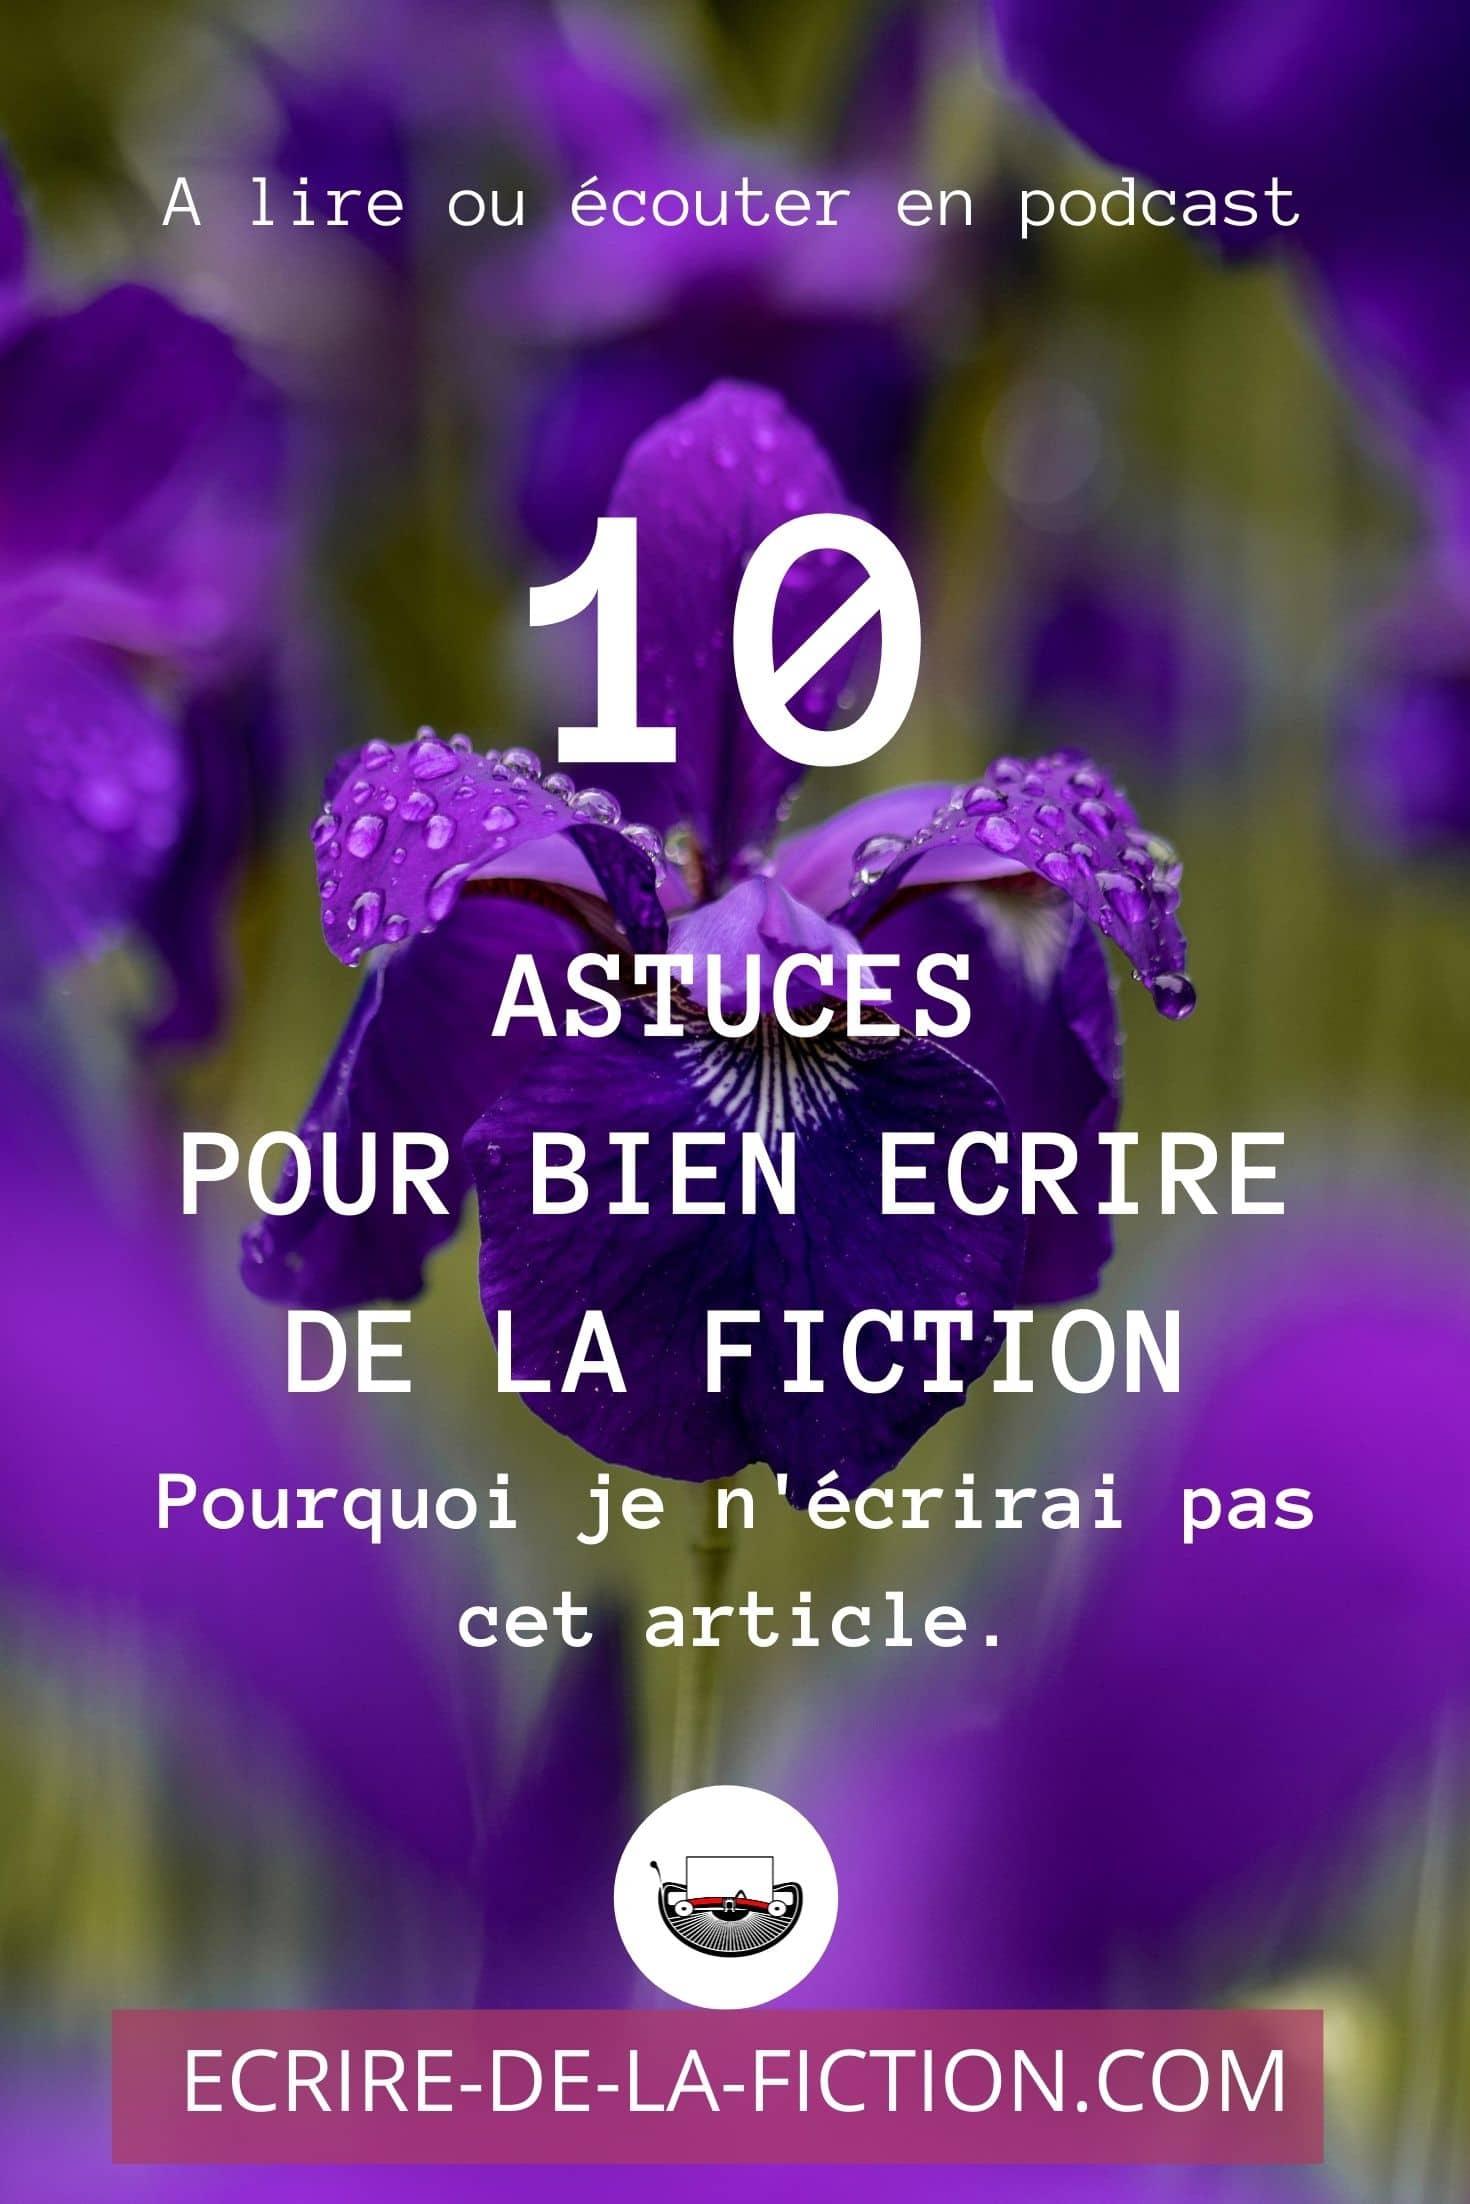 epingle pinterest fleurs mauves 10 astuces pour ecrire fiction